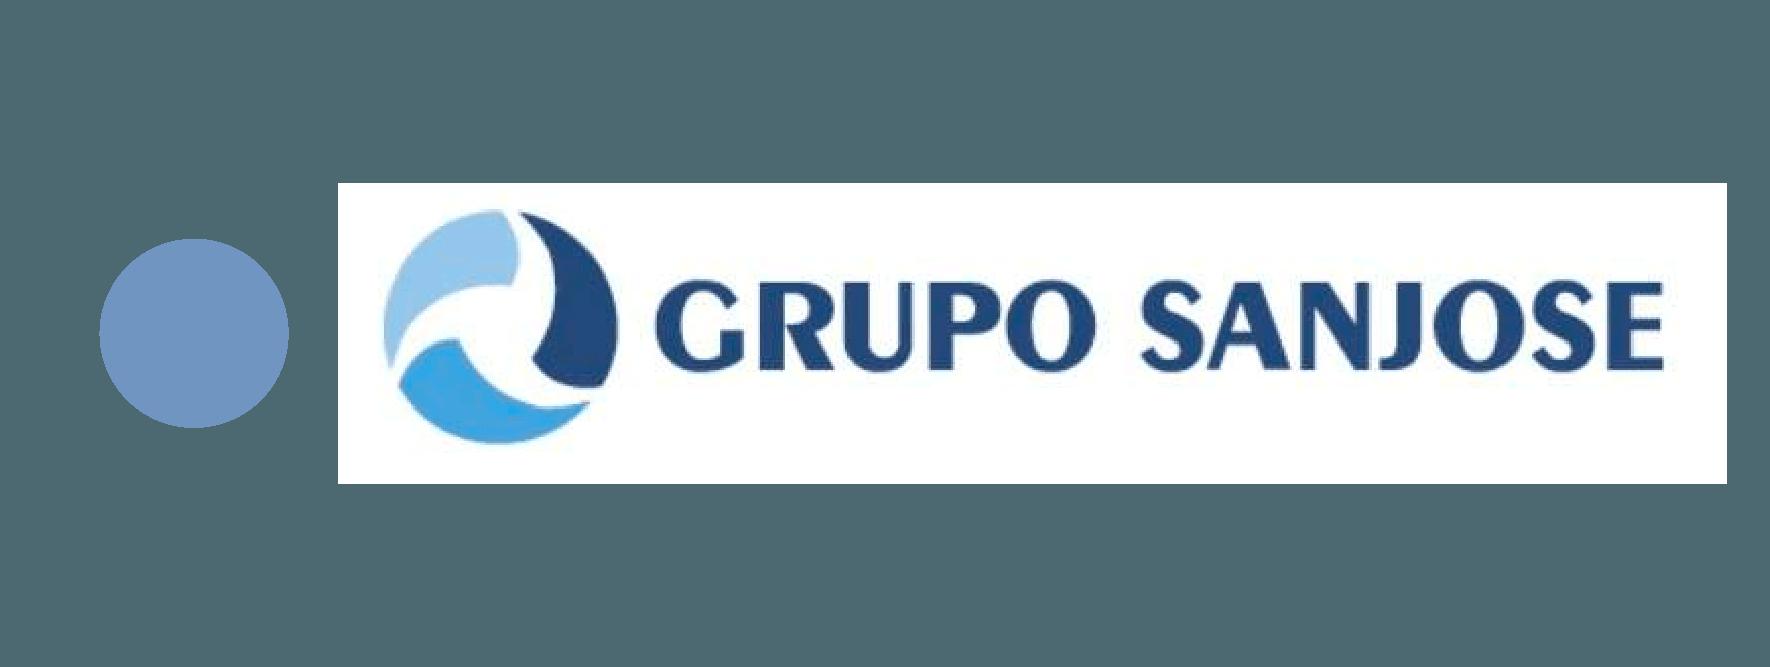 Grupo San Jose